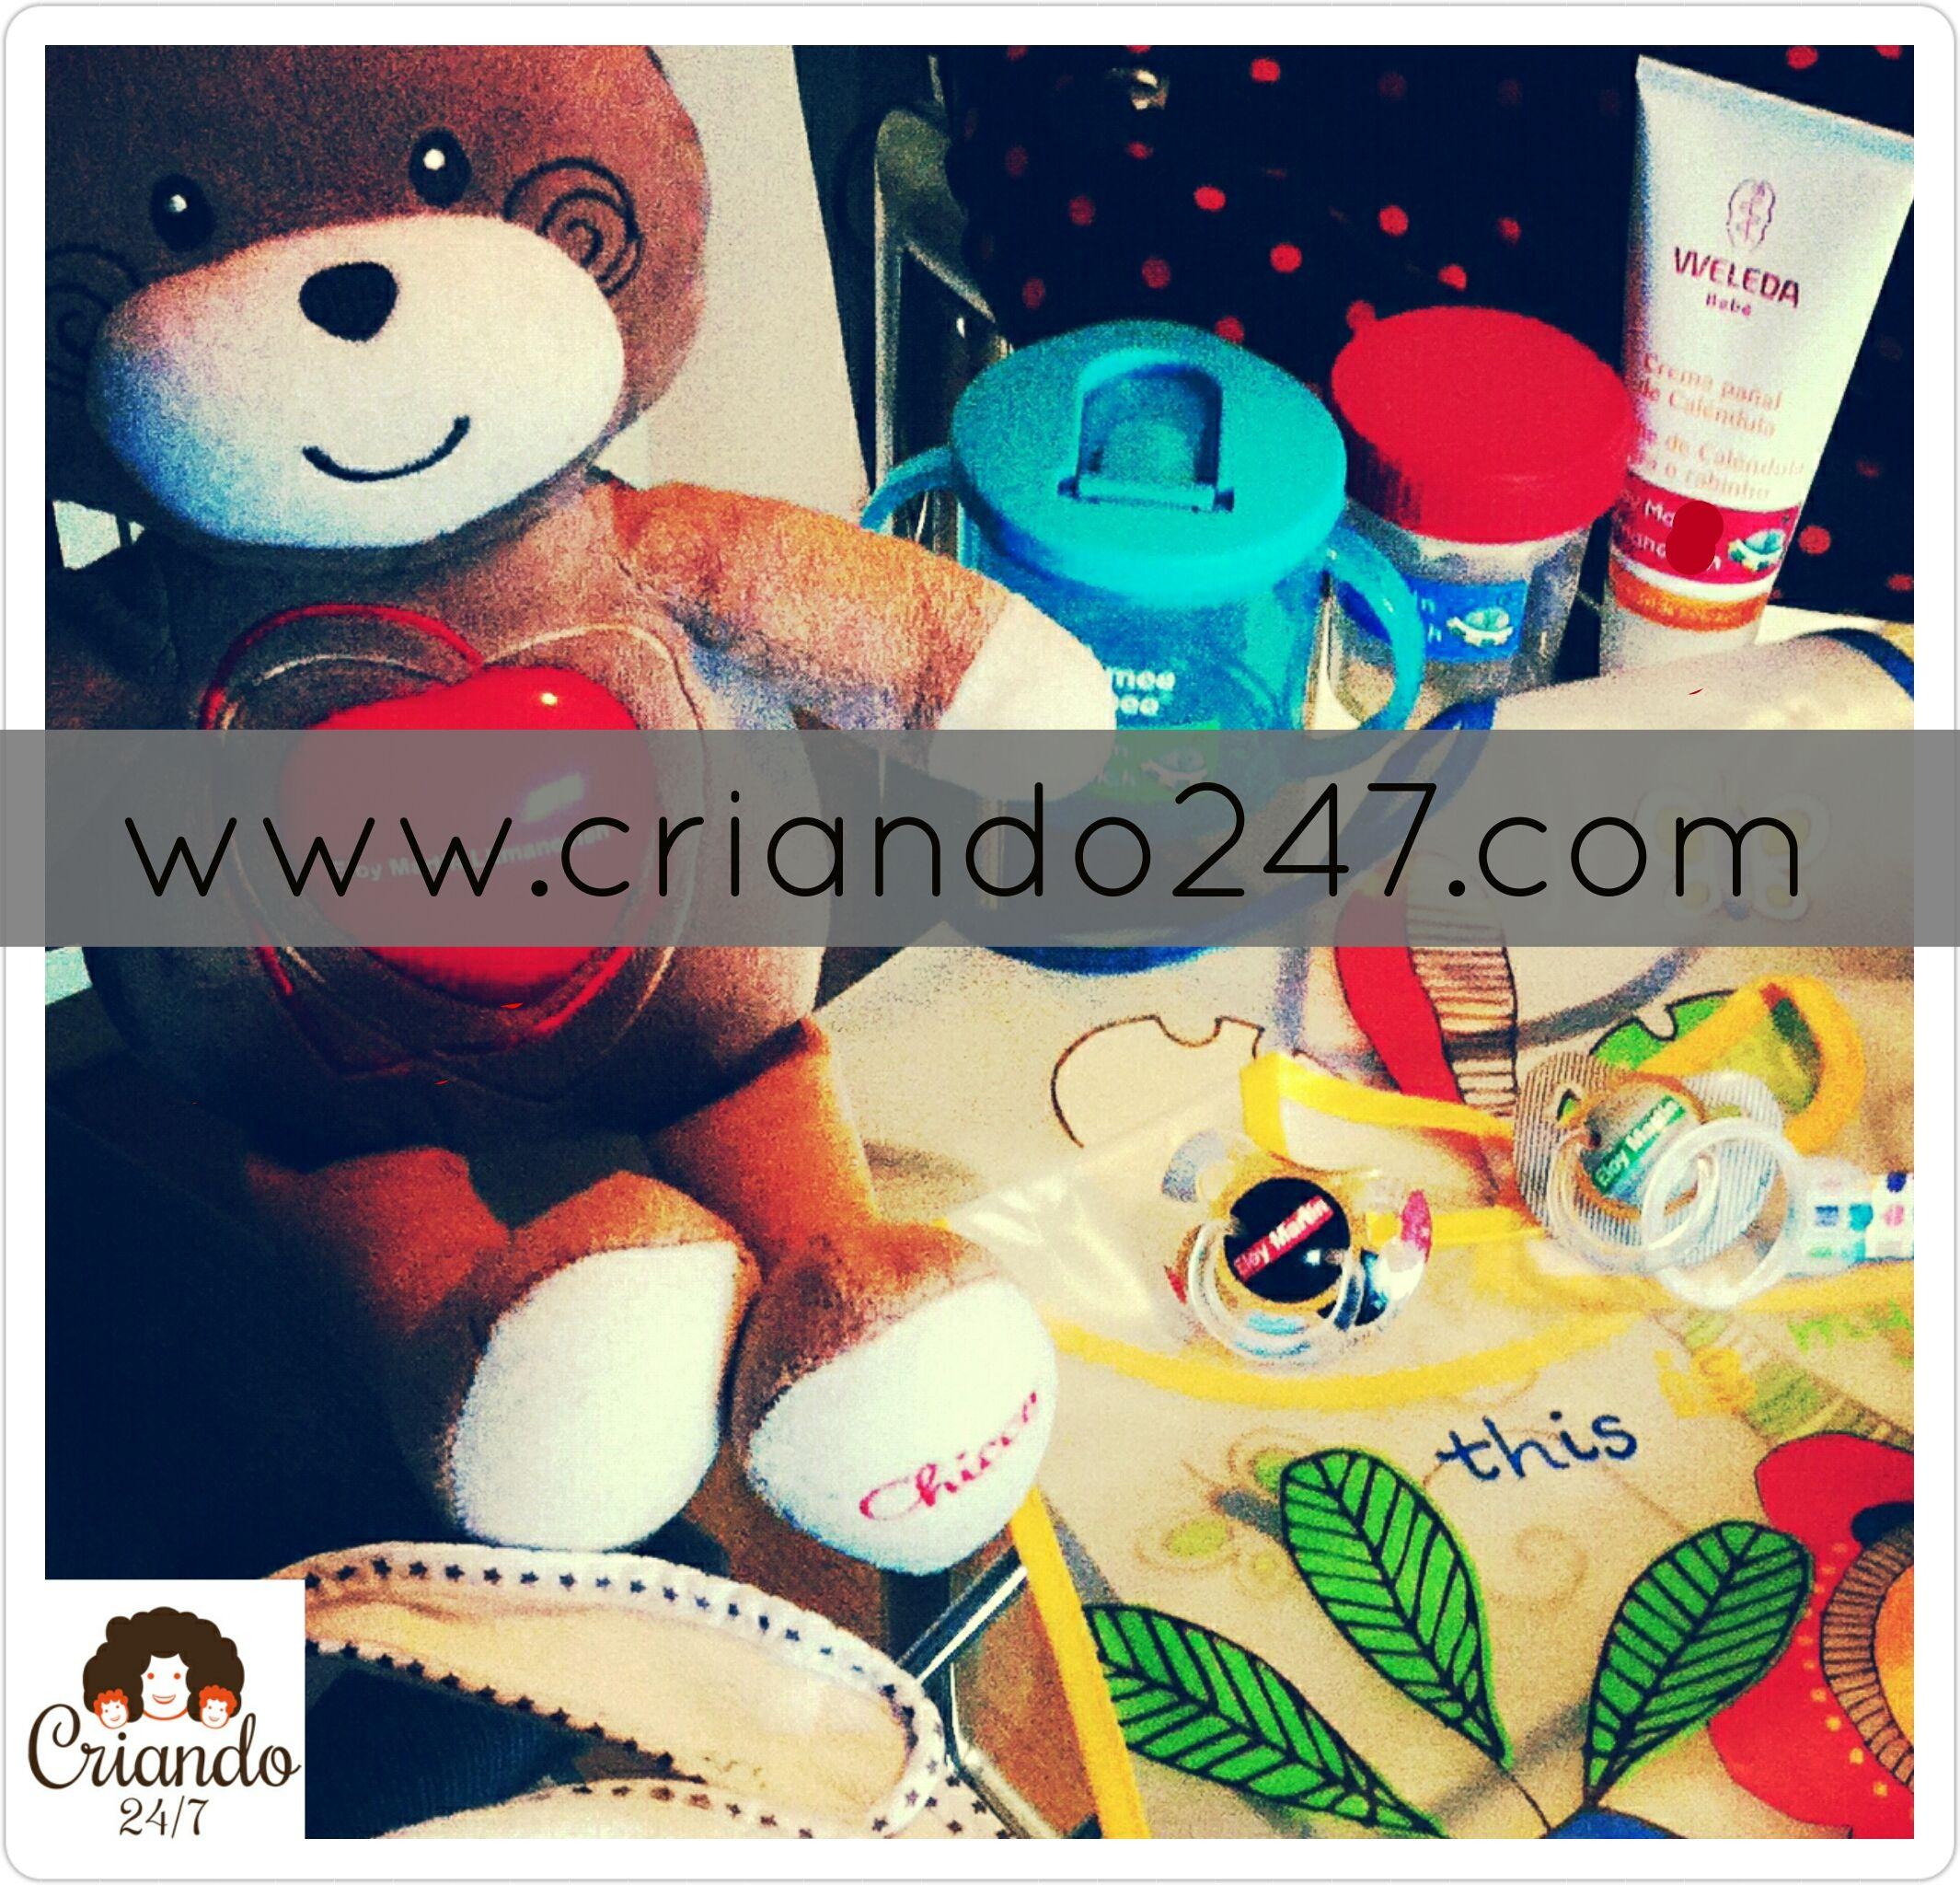 set de cosas para el primer día de guardería sobre la mesa, baberos, chupetes, vasos, crema y un oso de peluche